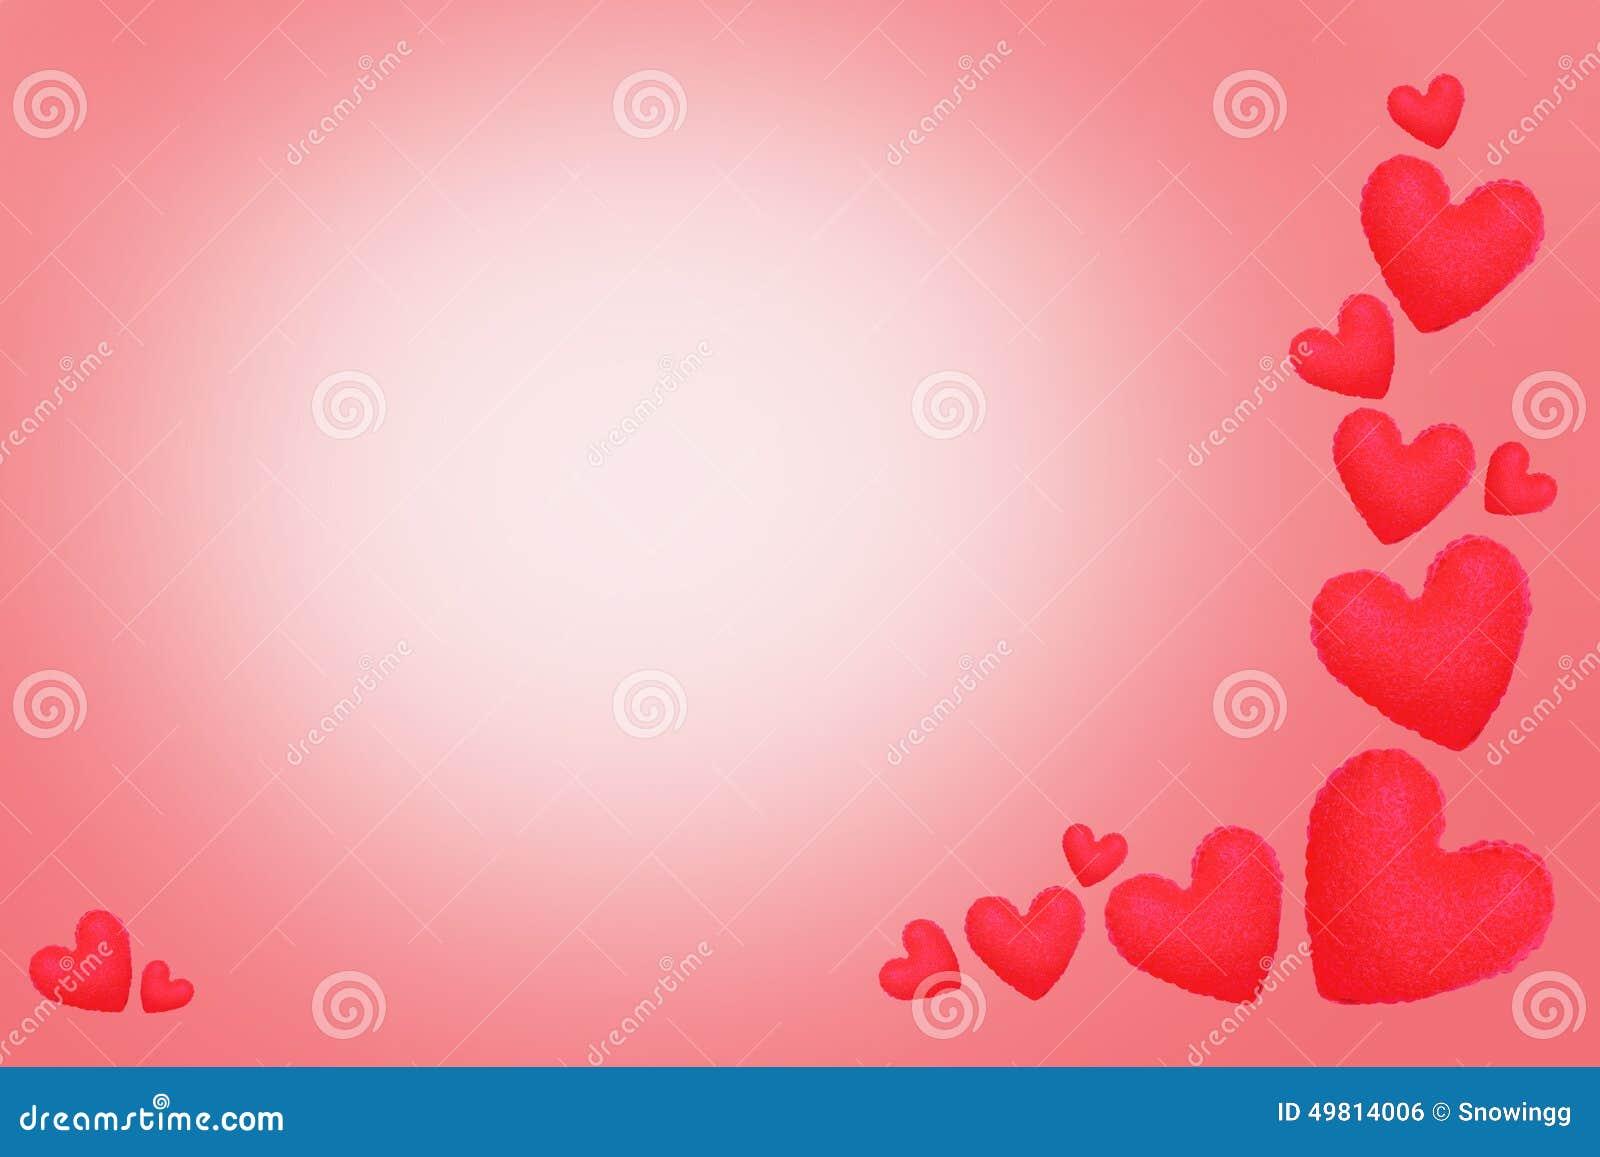 fondos para esquelas de amor